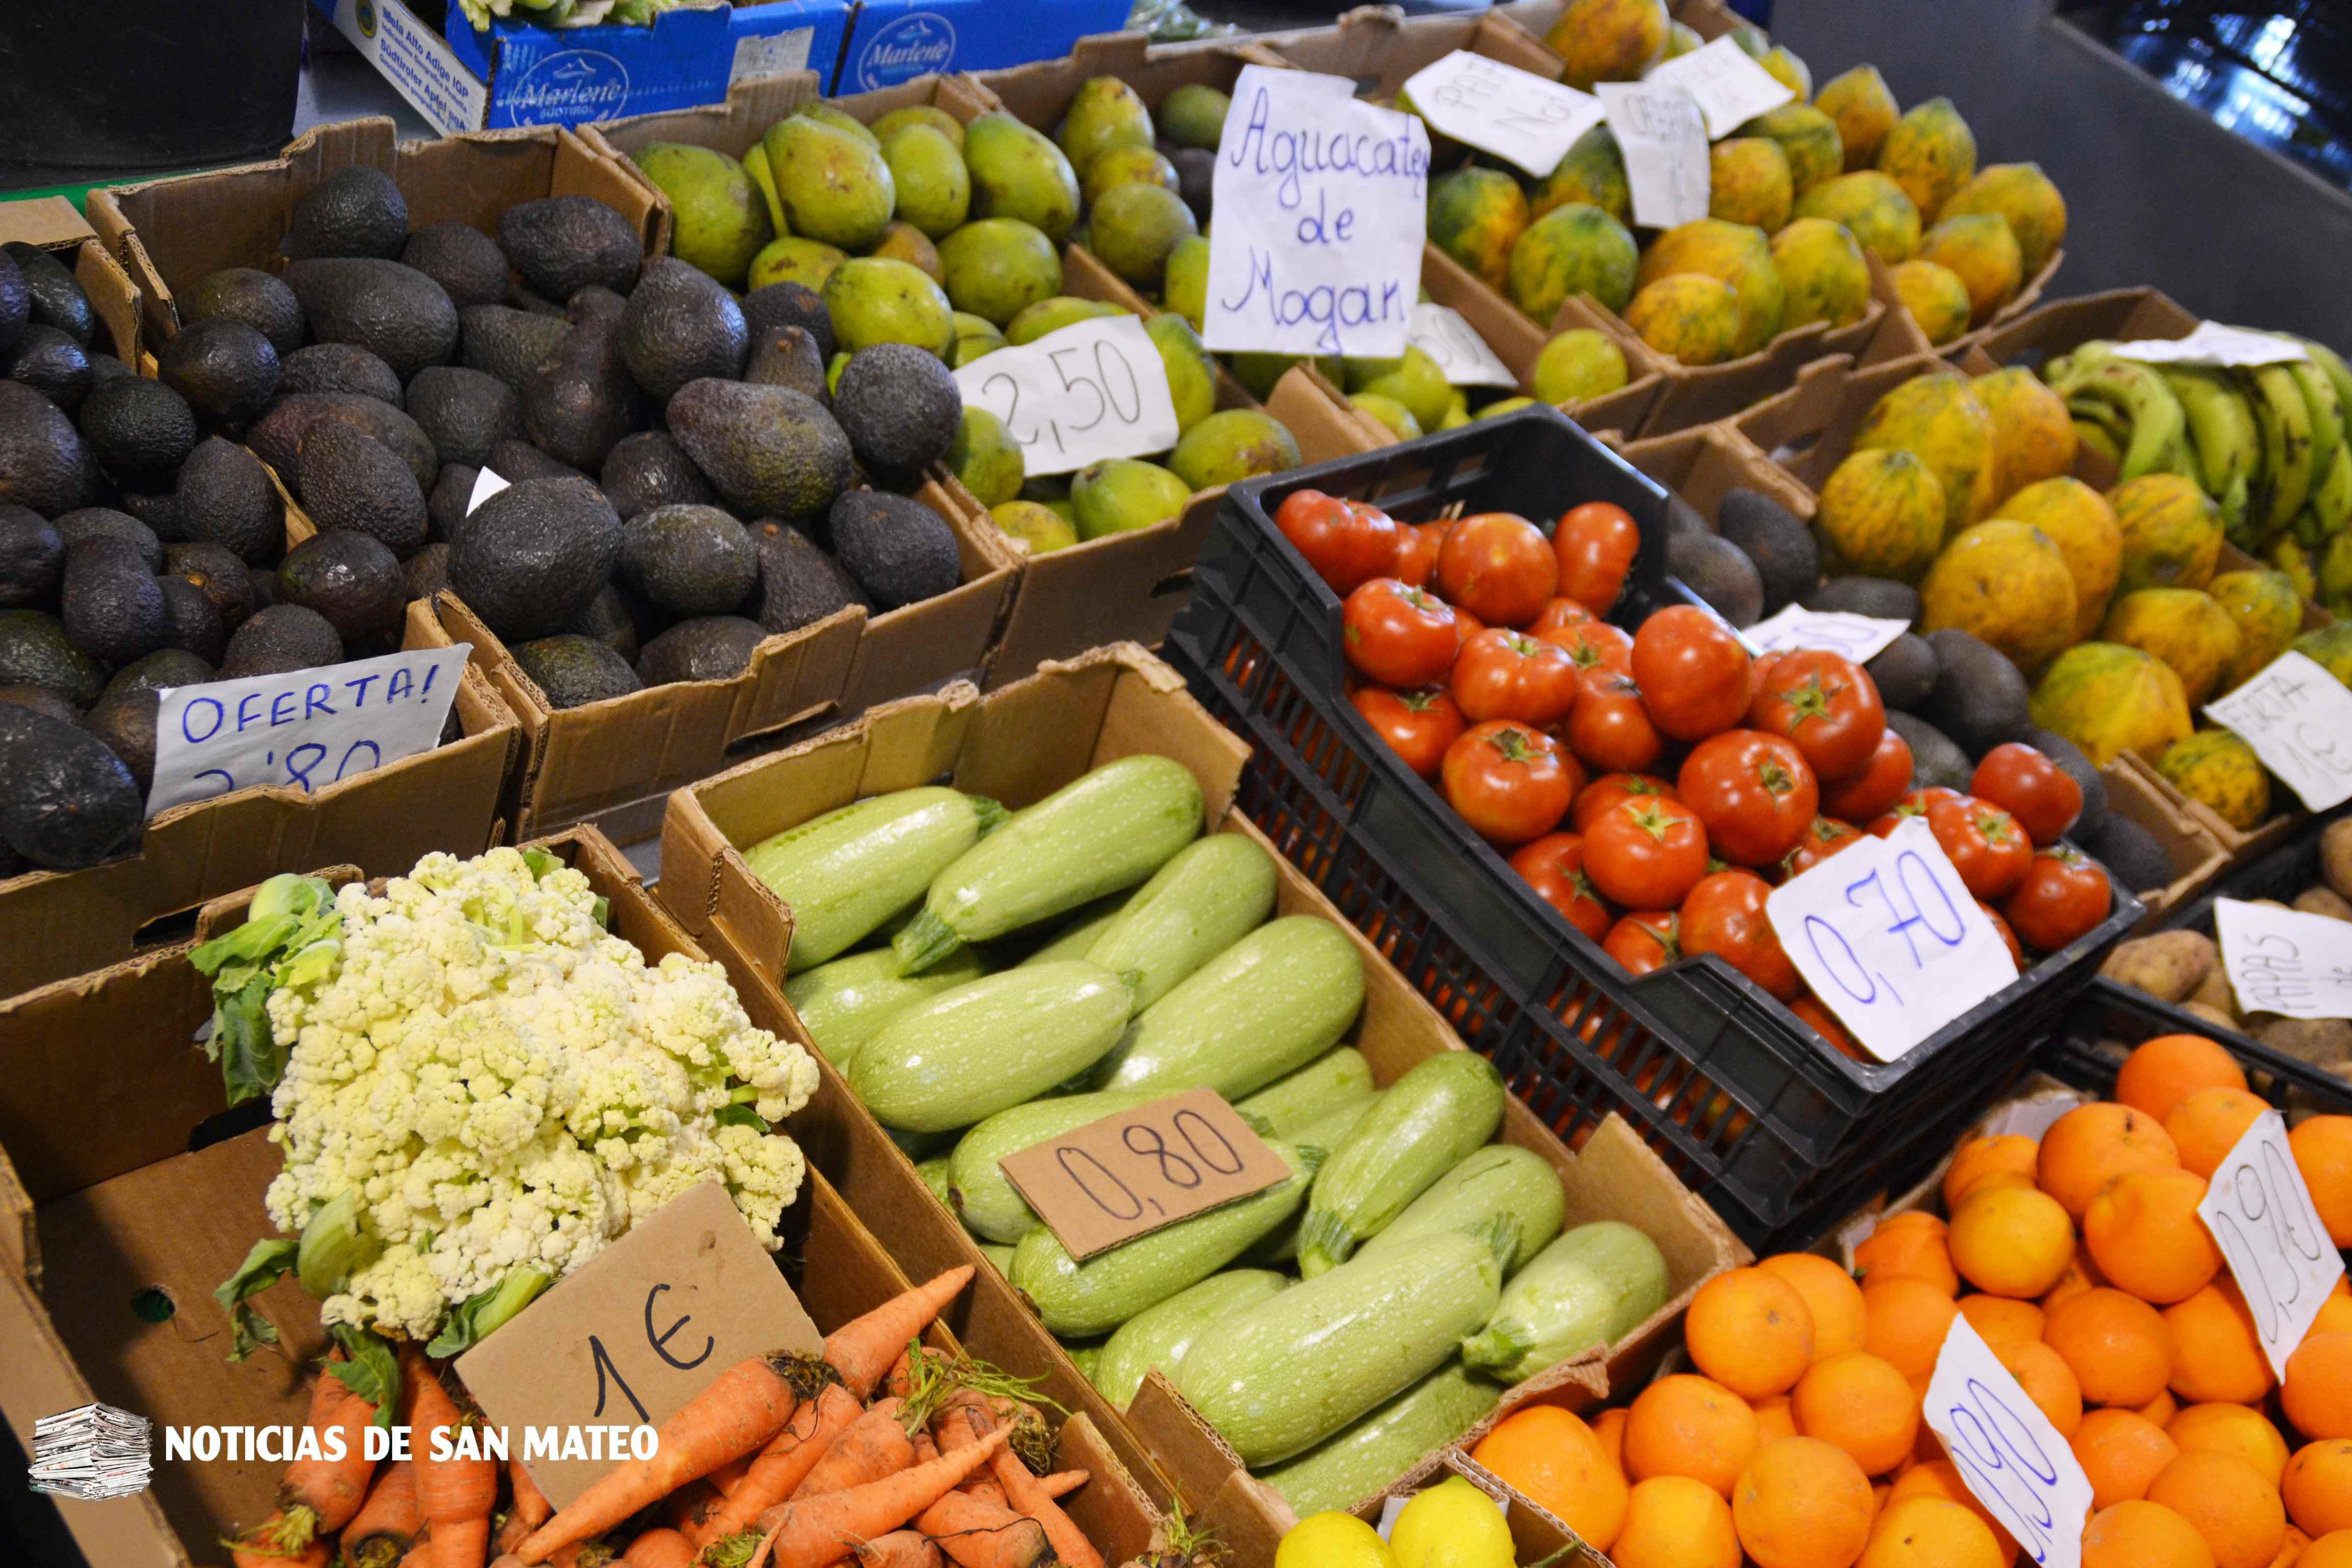 Domingo de Mercado en San MateoDSC 3170